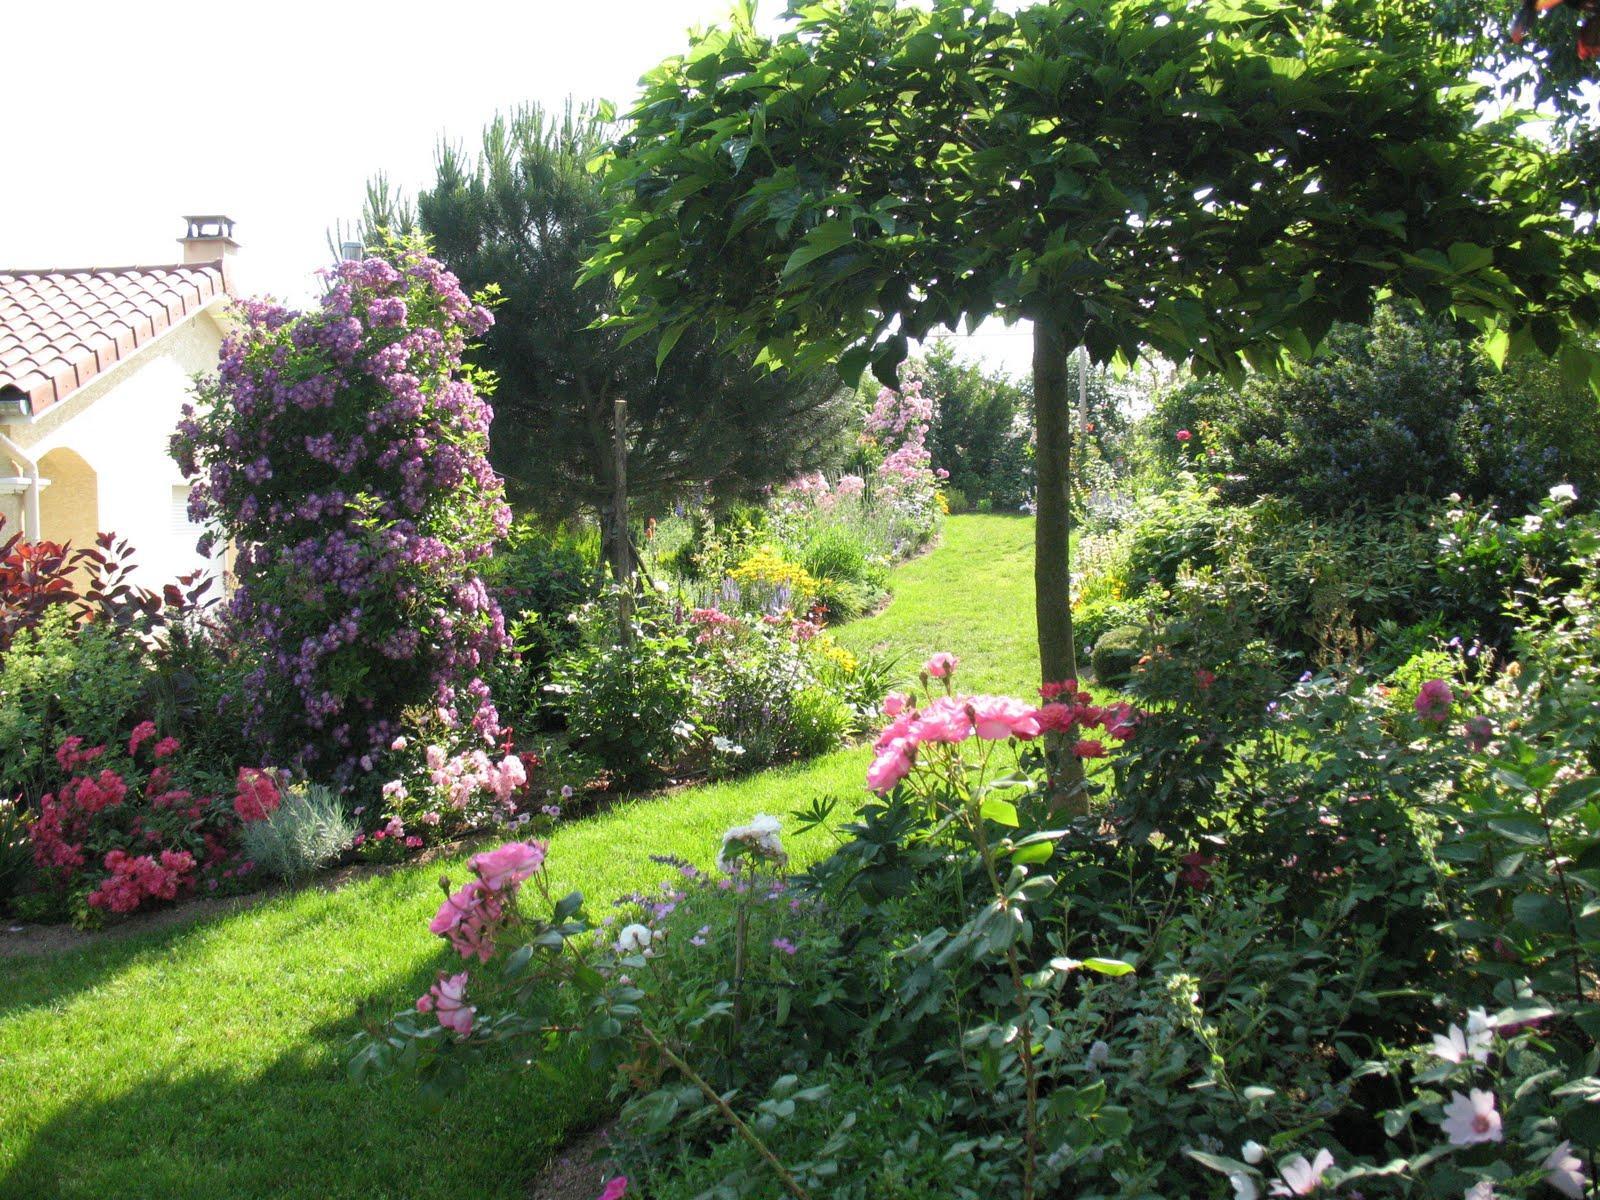 Záhrada,ktorá ťa nikdy neomrzí...divoká a krásna - Obrázok č. 111